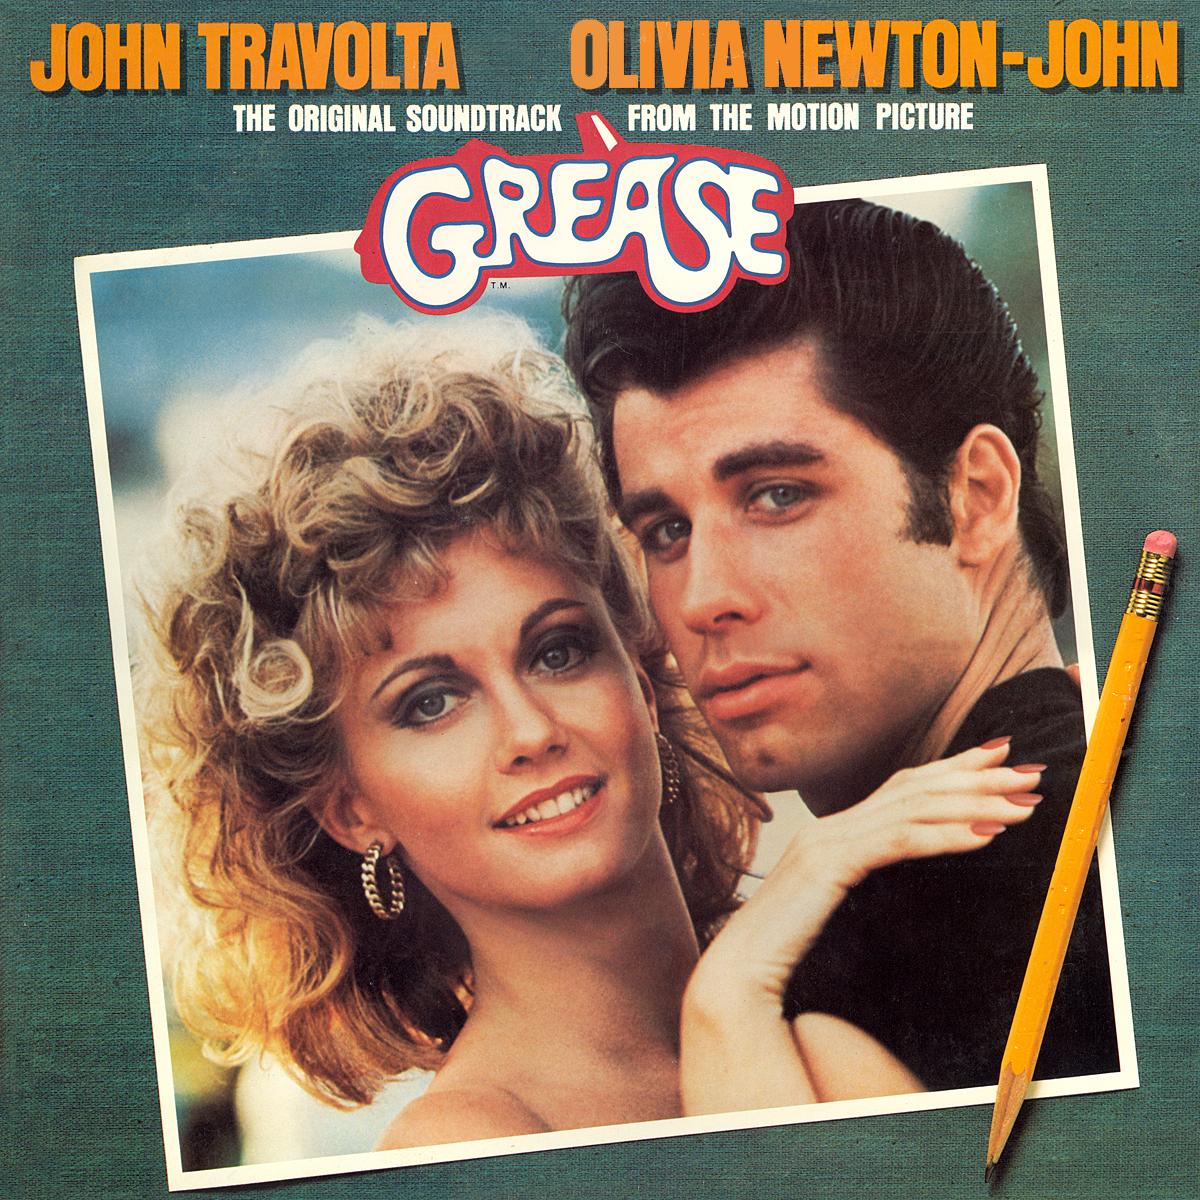 Grease - Music Album Image